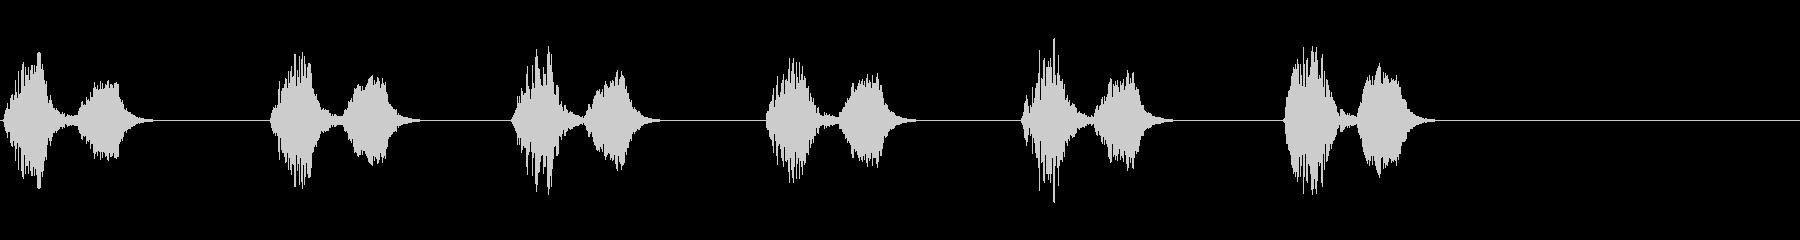 レトロゲームぽい効果音 足音1の未再生の波形